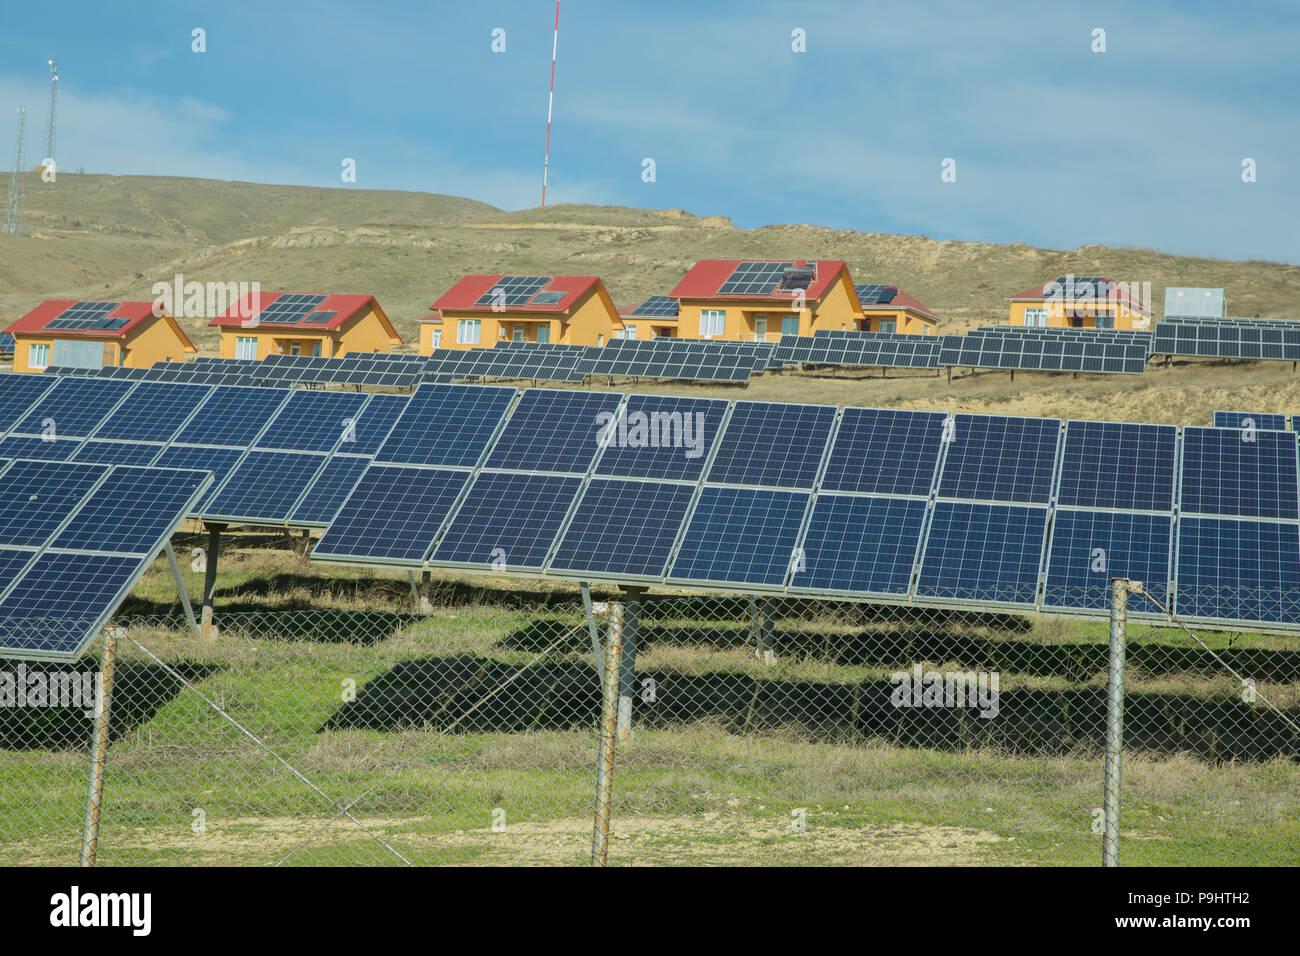 Vendere Energia Elettrica Da Fotovoltaico alimentato da energia solare sistema elettricità home